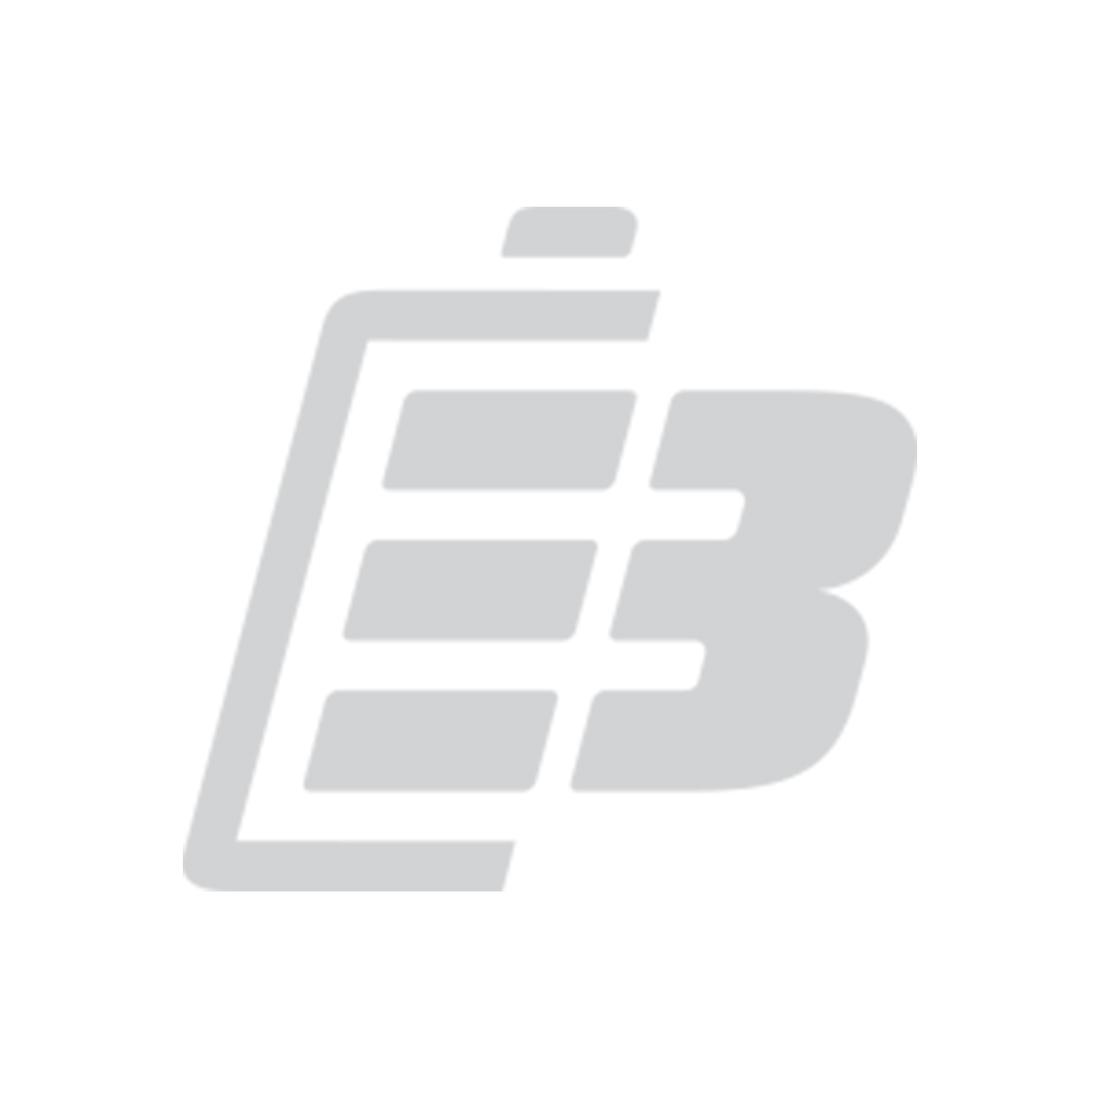 Μπαταρία GPS Garmin Forerunner 305_1